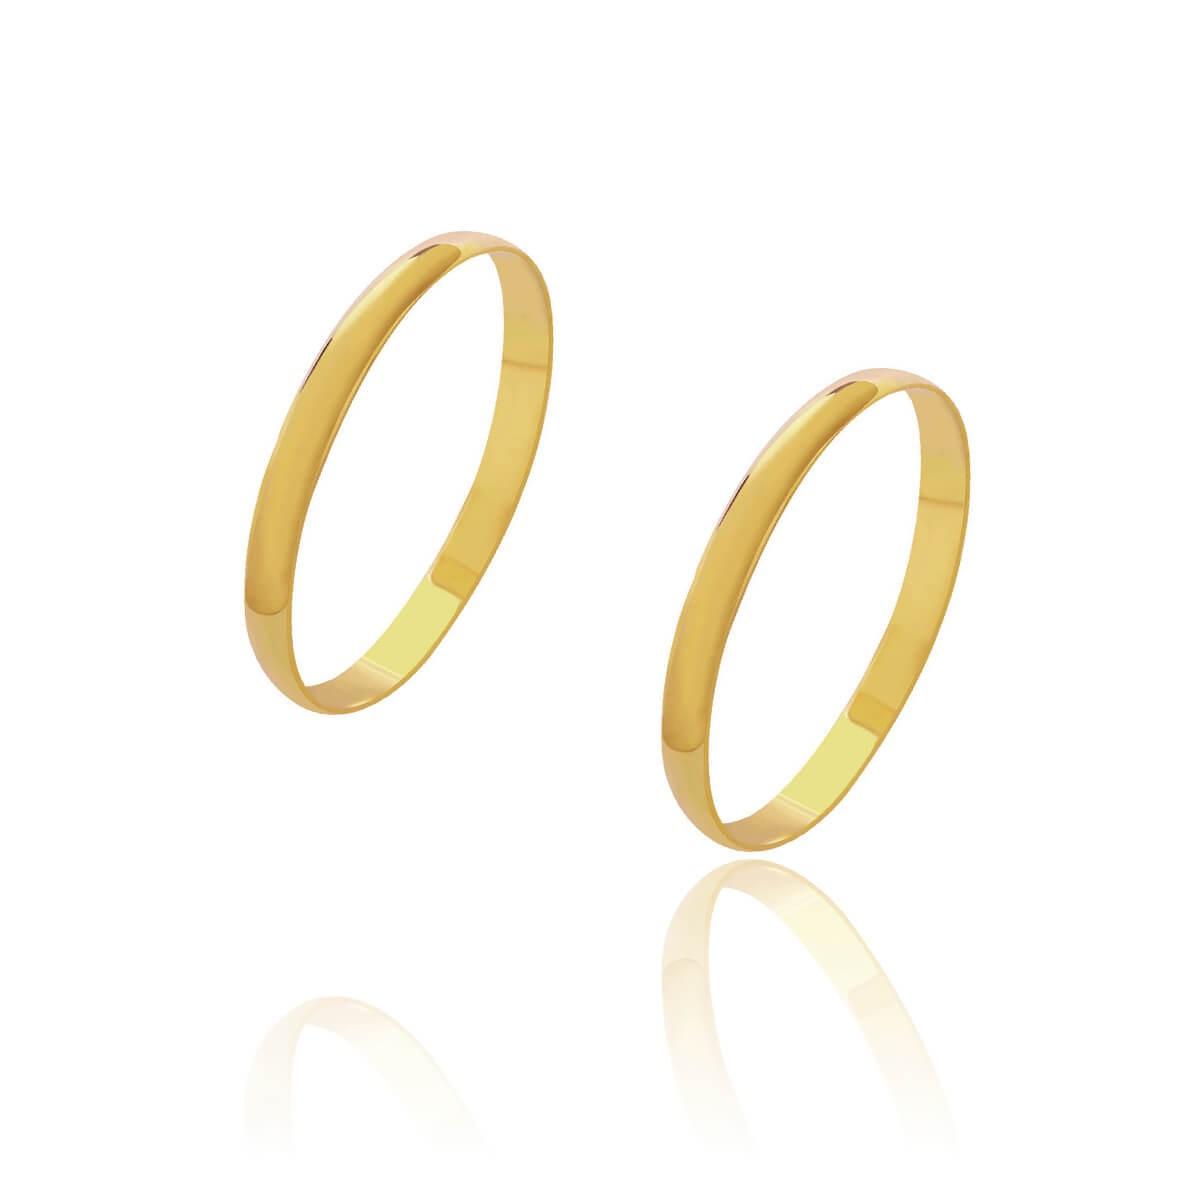 Par de Alianças de Casamento Diana Ouro Abaulada Lisa 2mm 1,5g